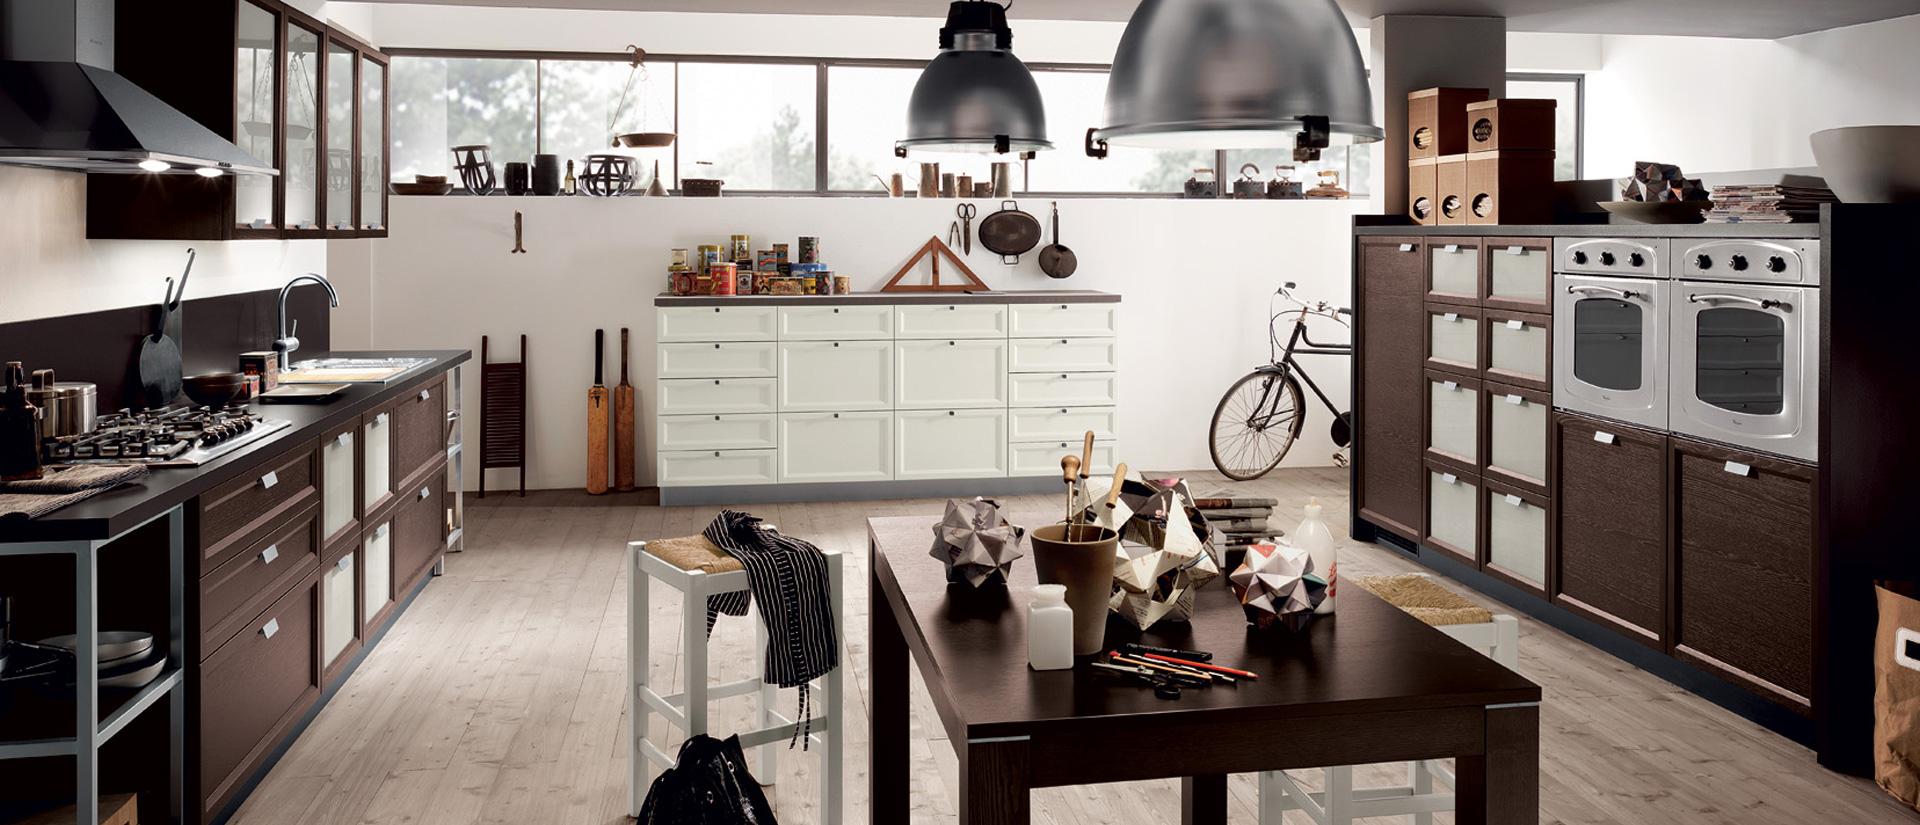 Cucina Scavolini Atelier | Beautiful Cucina Scavolini Liberamente ...